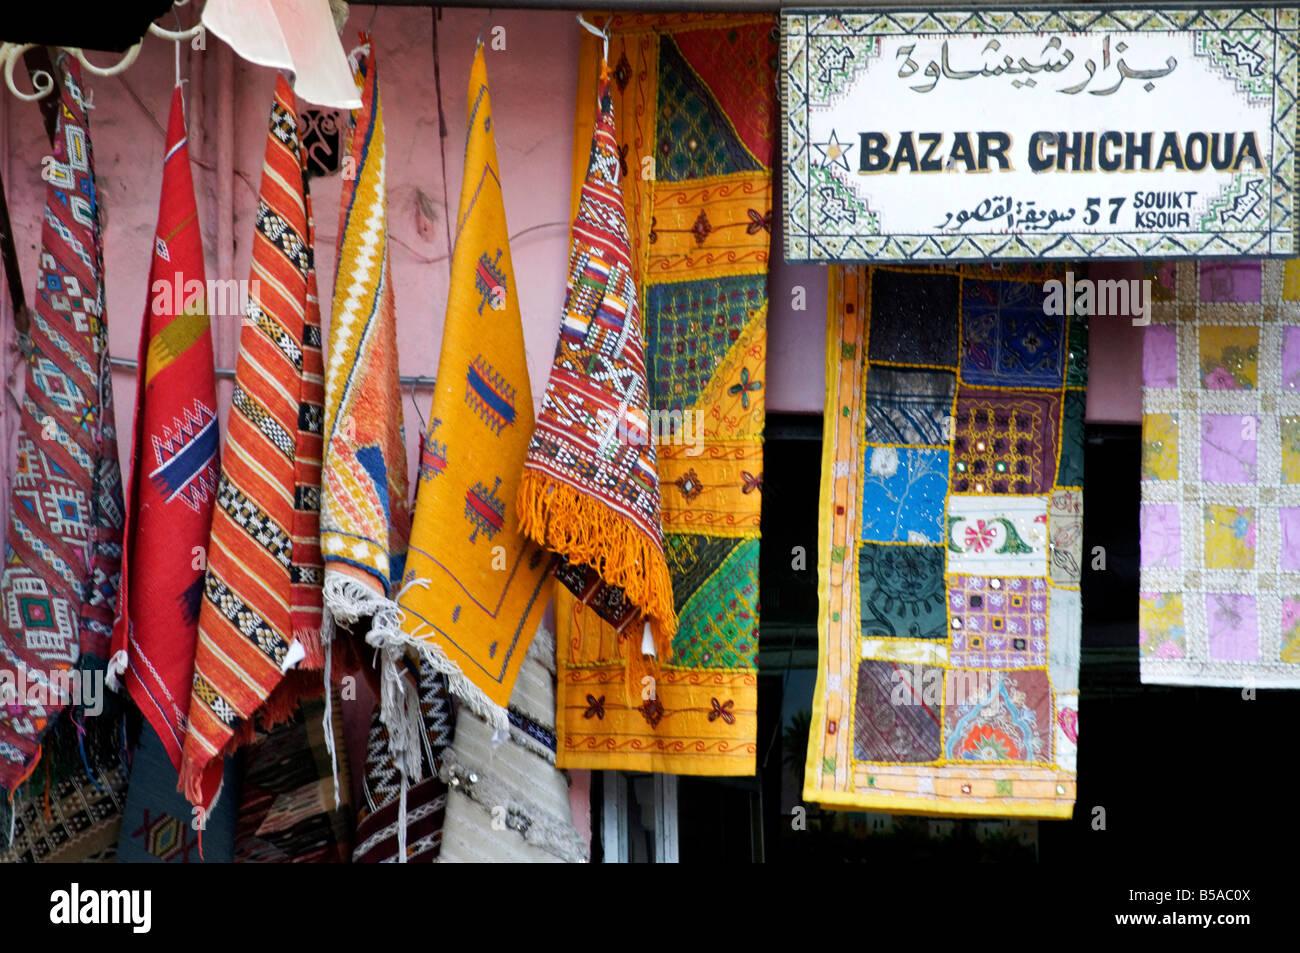 Tappeti Kilim Marocco : Kilim per la vendita nel tappeto souk joutia zrabi marrakech